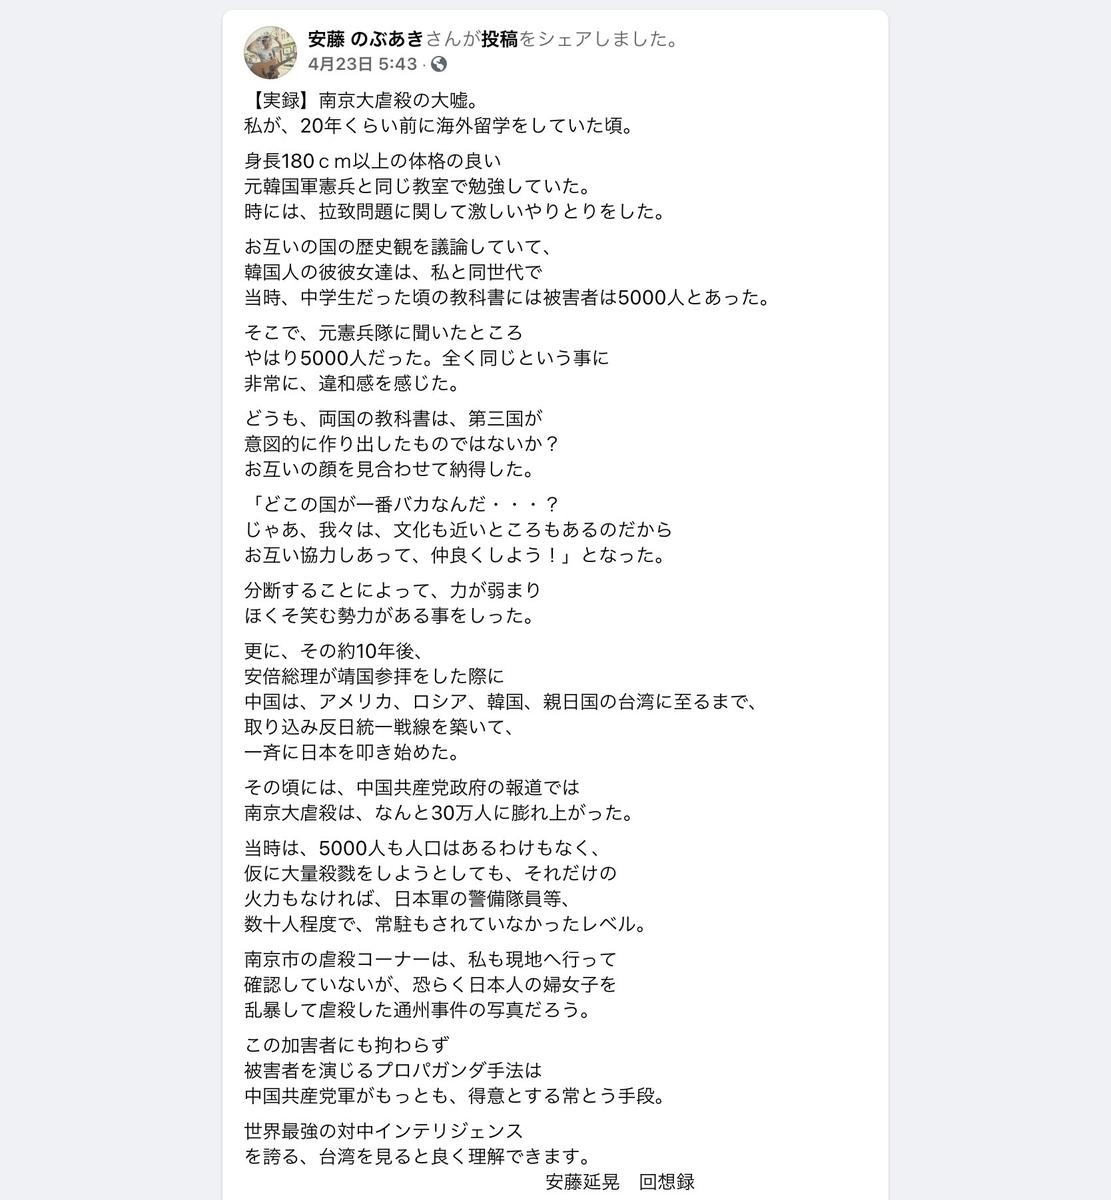 f:id:ichi-nagoyajin:20210509233348j:plain